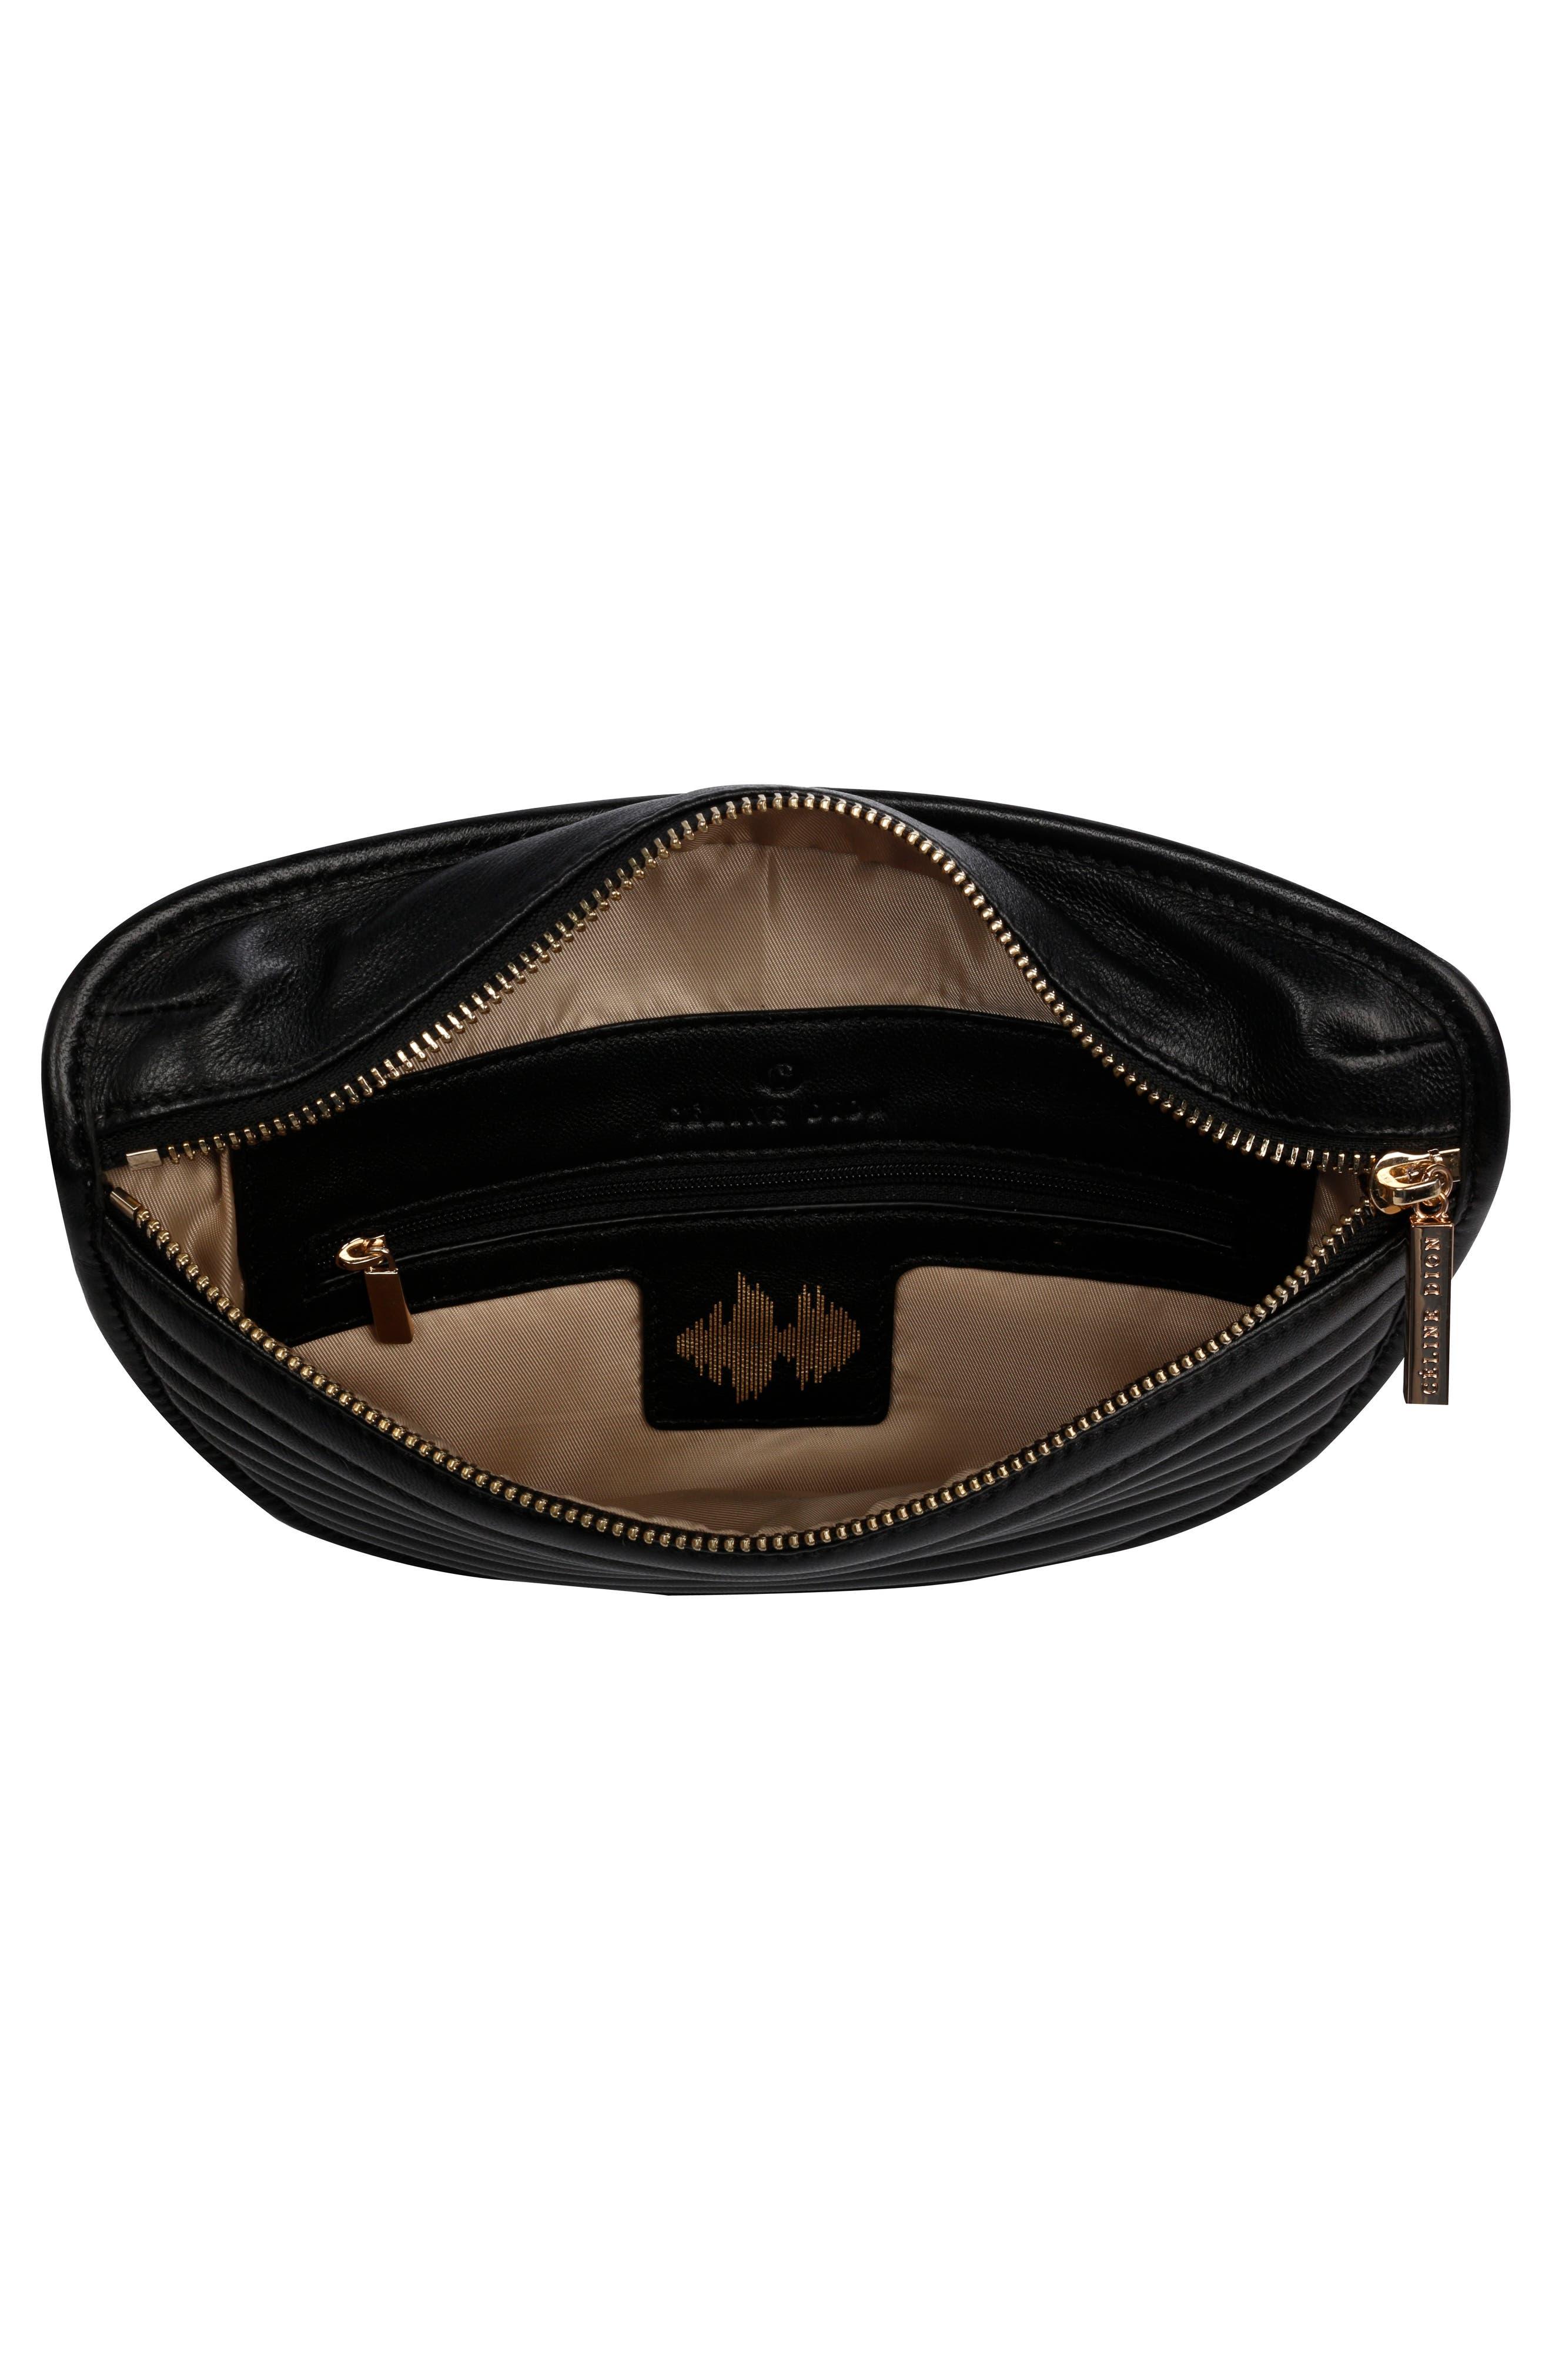 Céline Dion Vibrato Quilted Leather Money Belt,                             Alternate thumbnail 3, color,                             001